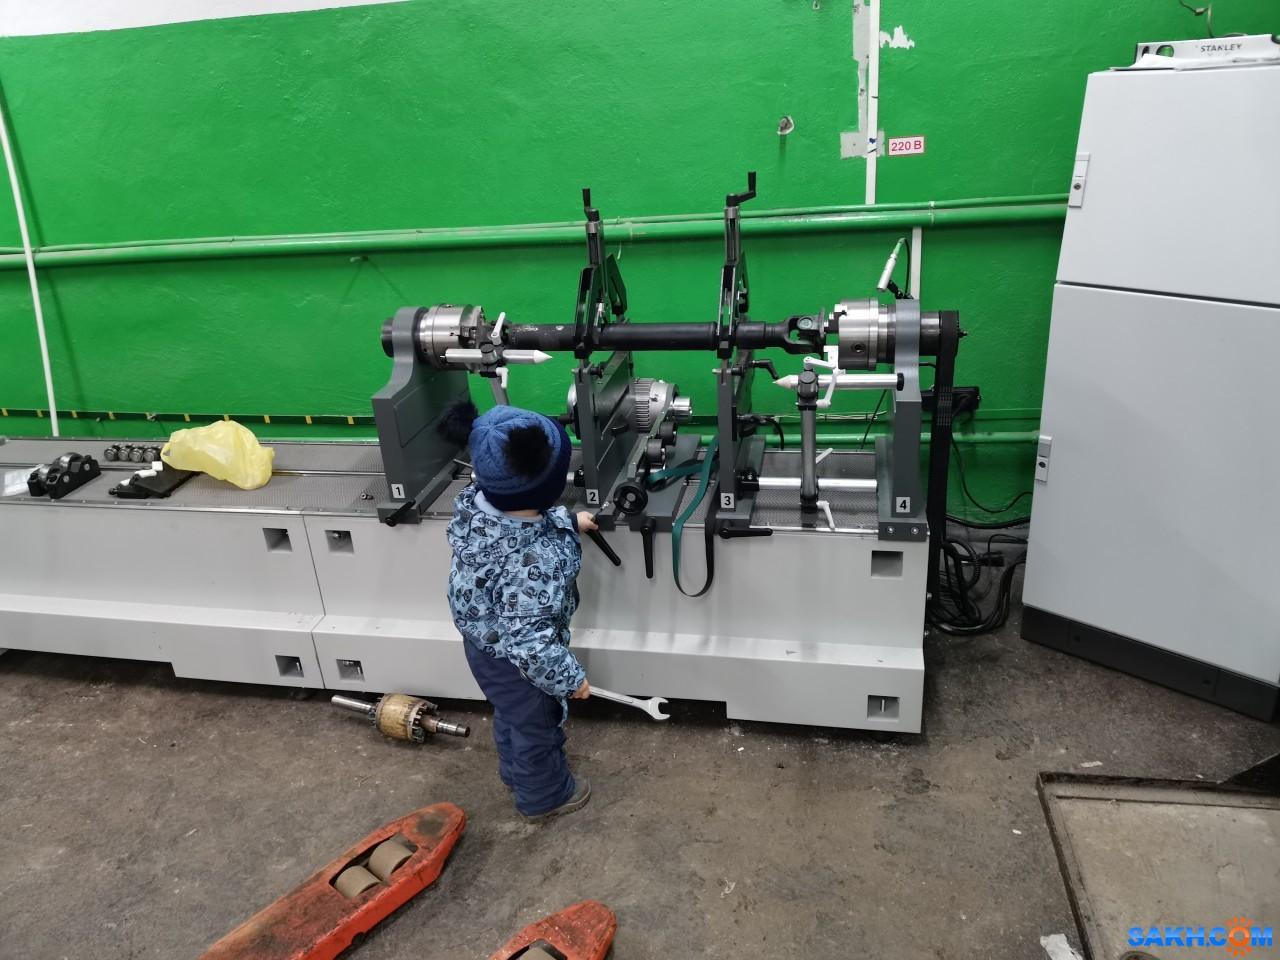 serg1004: специалист по балансировке роторов, карданных валов.